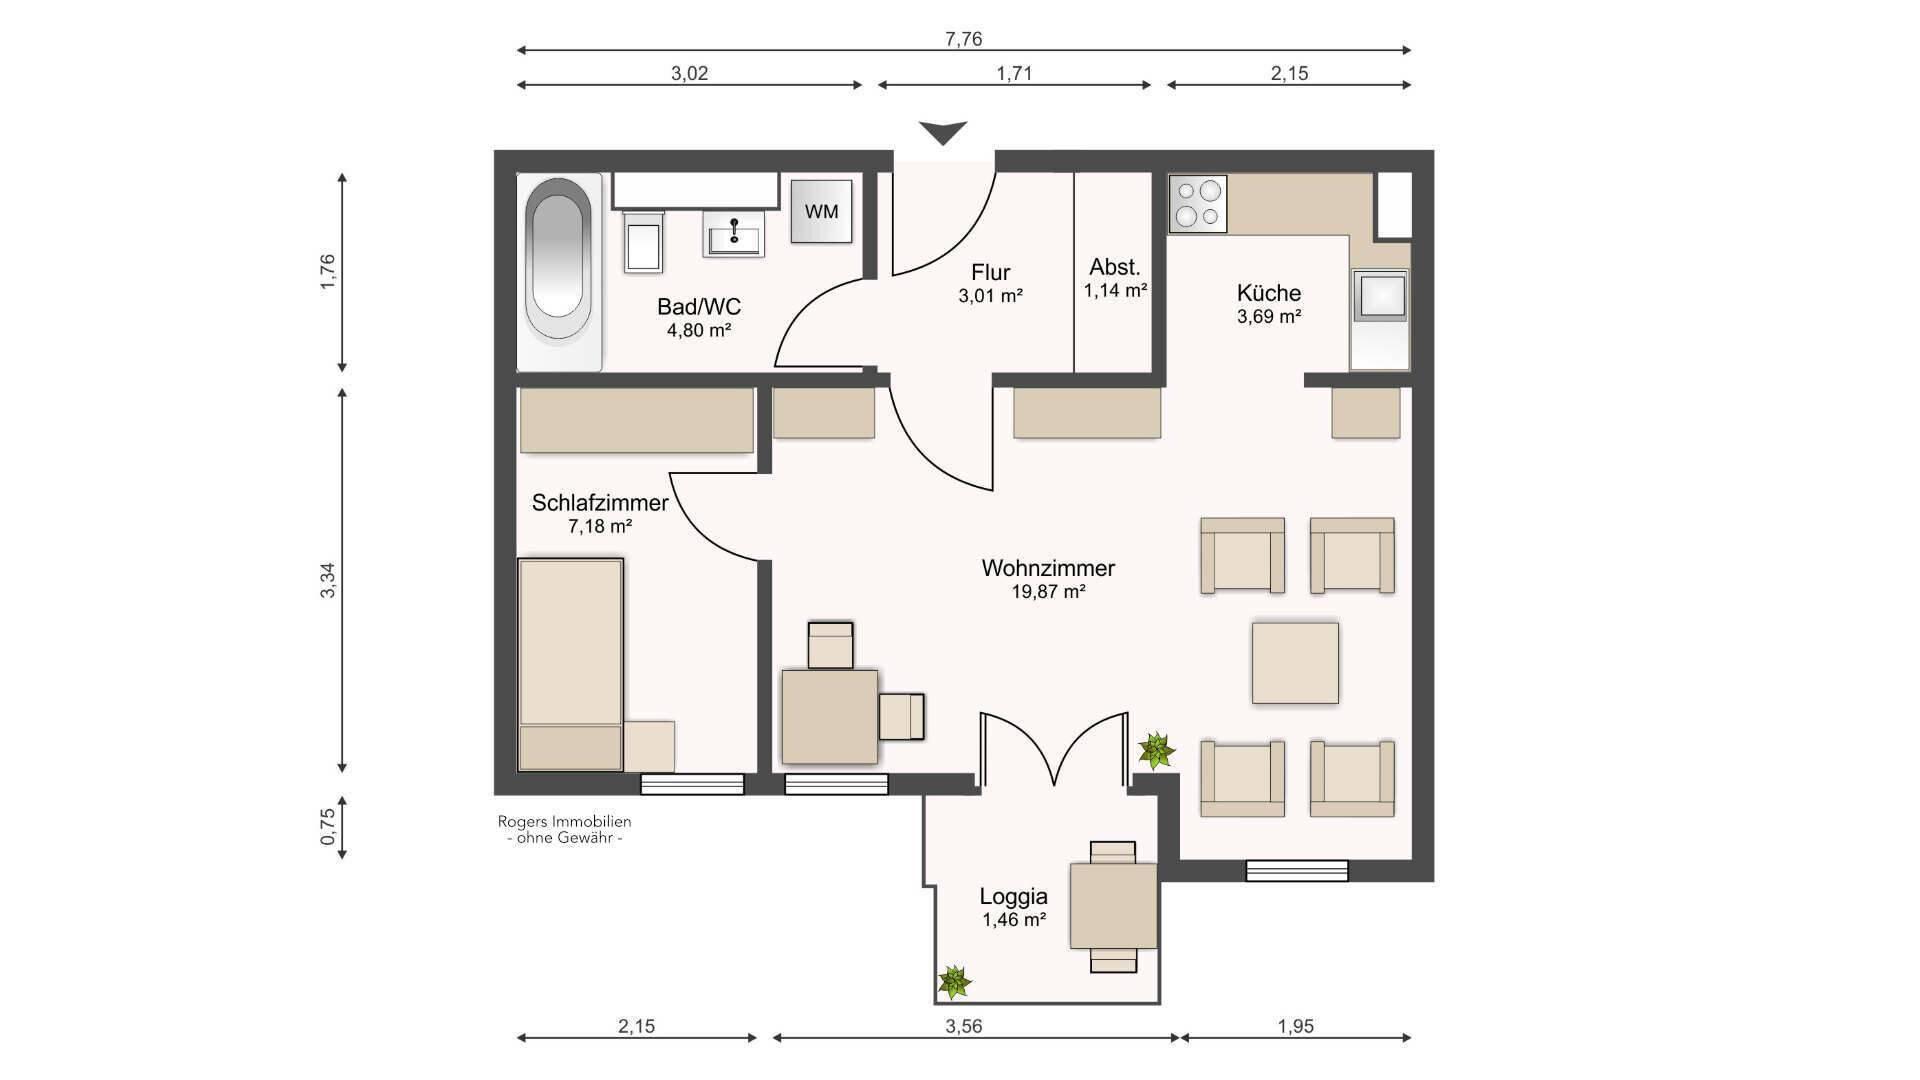 Wohnung Moosach Grundriss